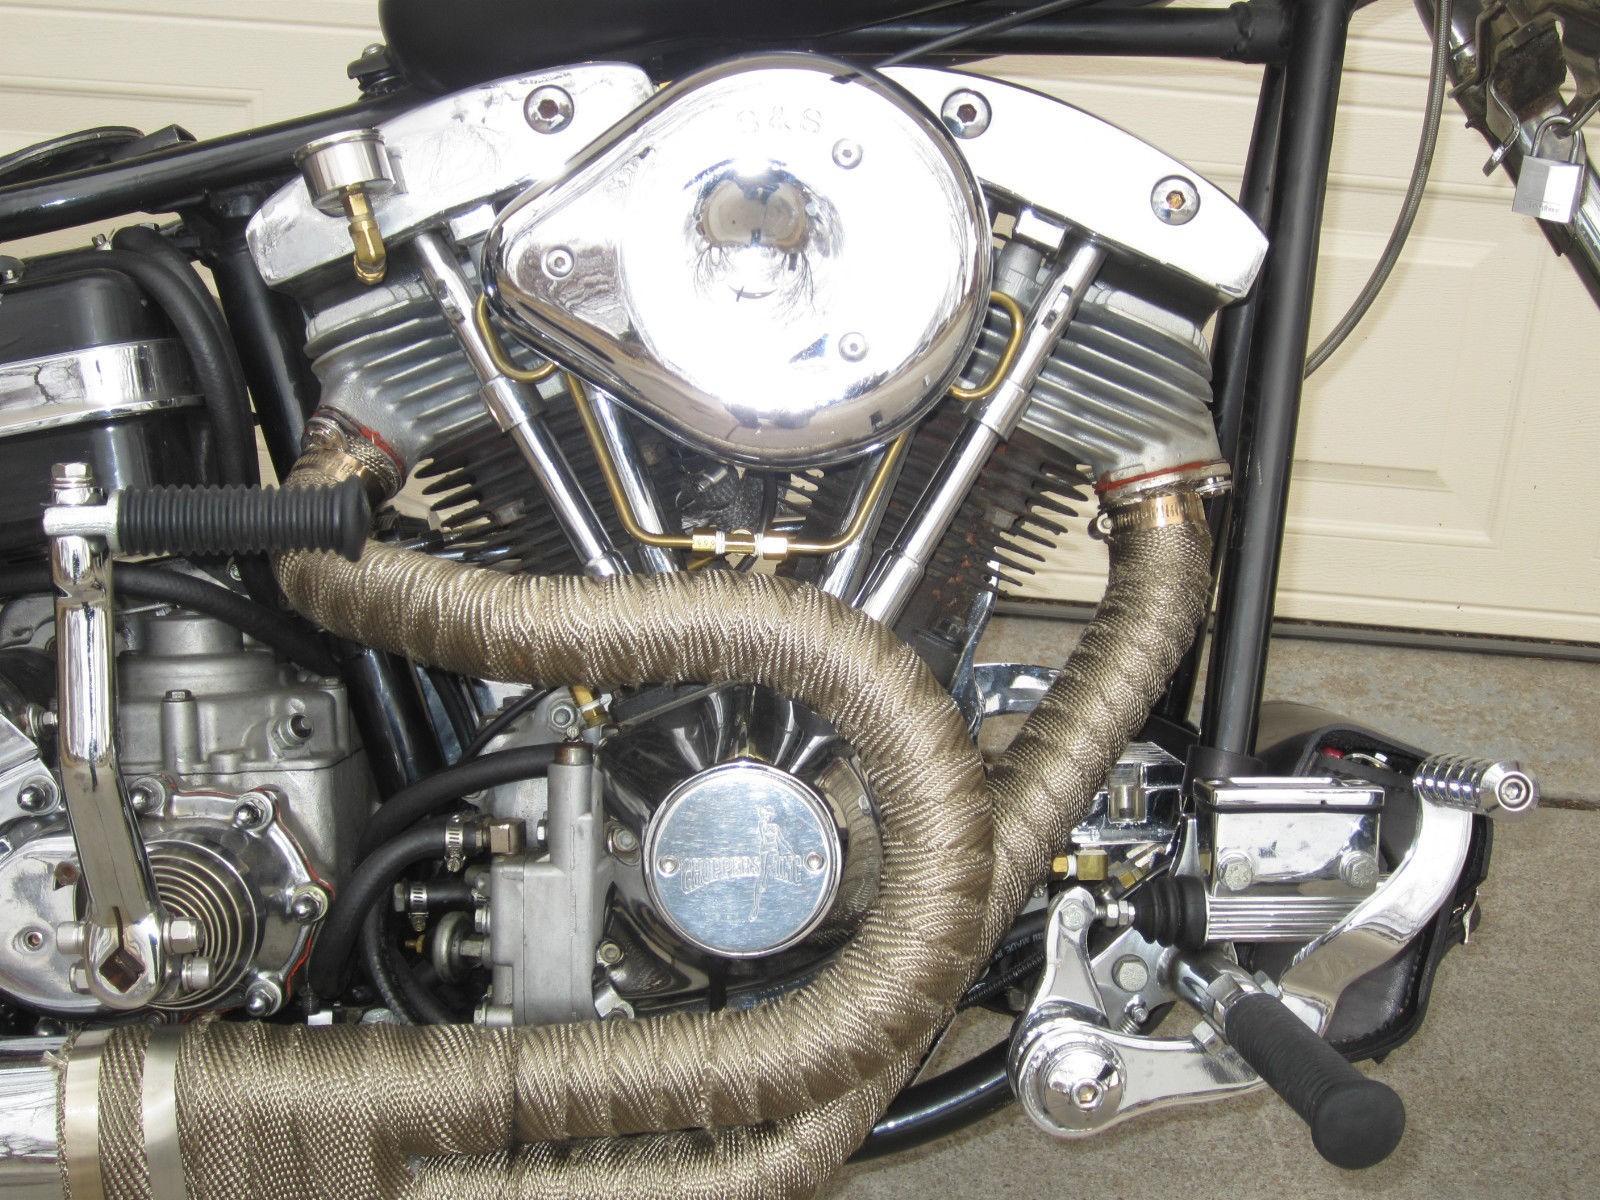 Diagram Of 1980 Bottom End Of Engine Harley Davidson 1980 Harley Davidson Fxs Shovelhead Springer Of Diagram Of 1980 Bottom End Of Engine Harley Davidson